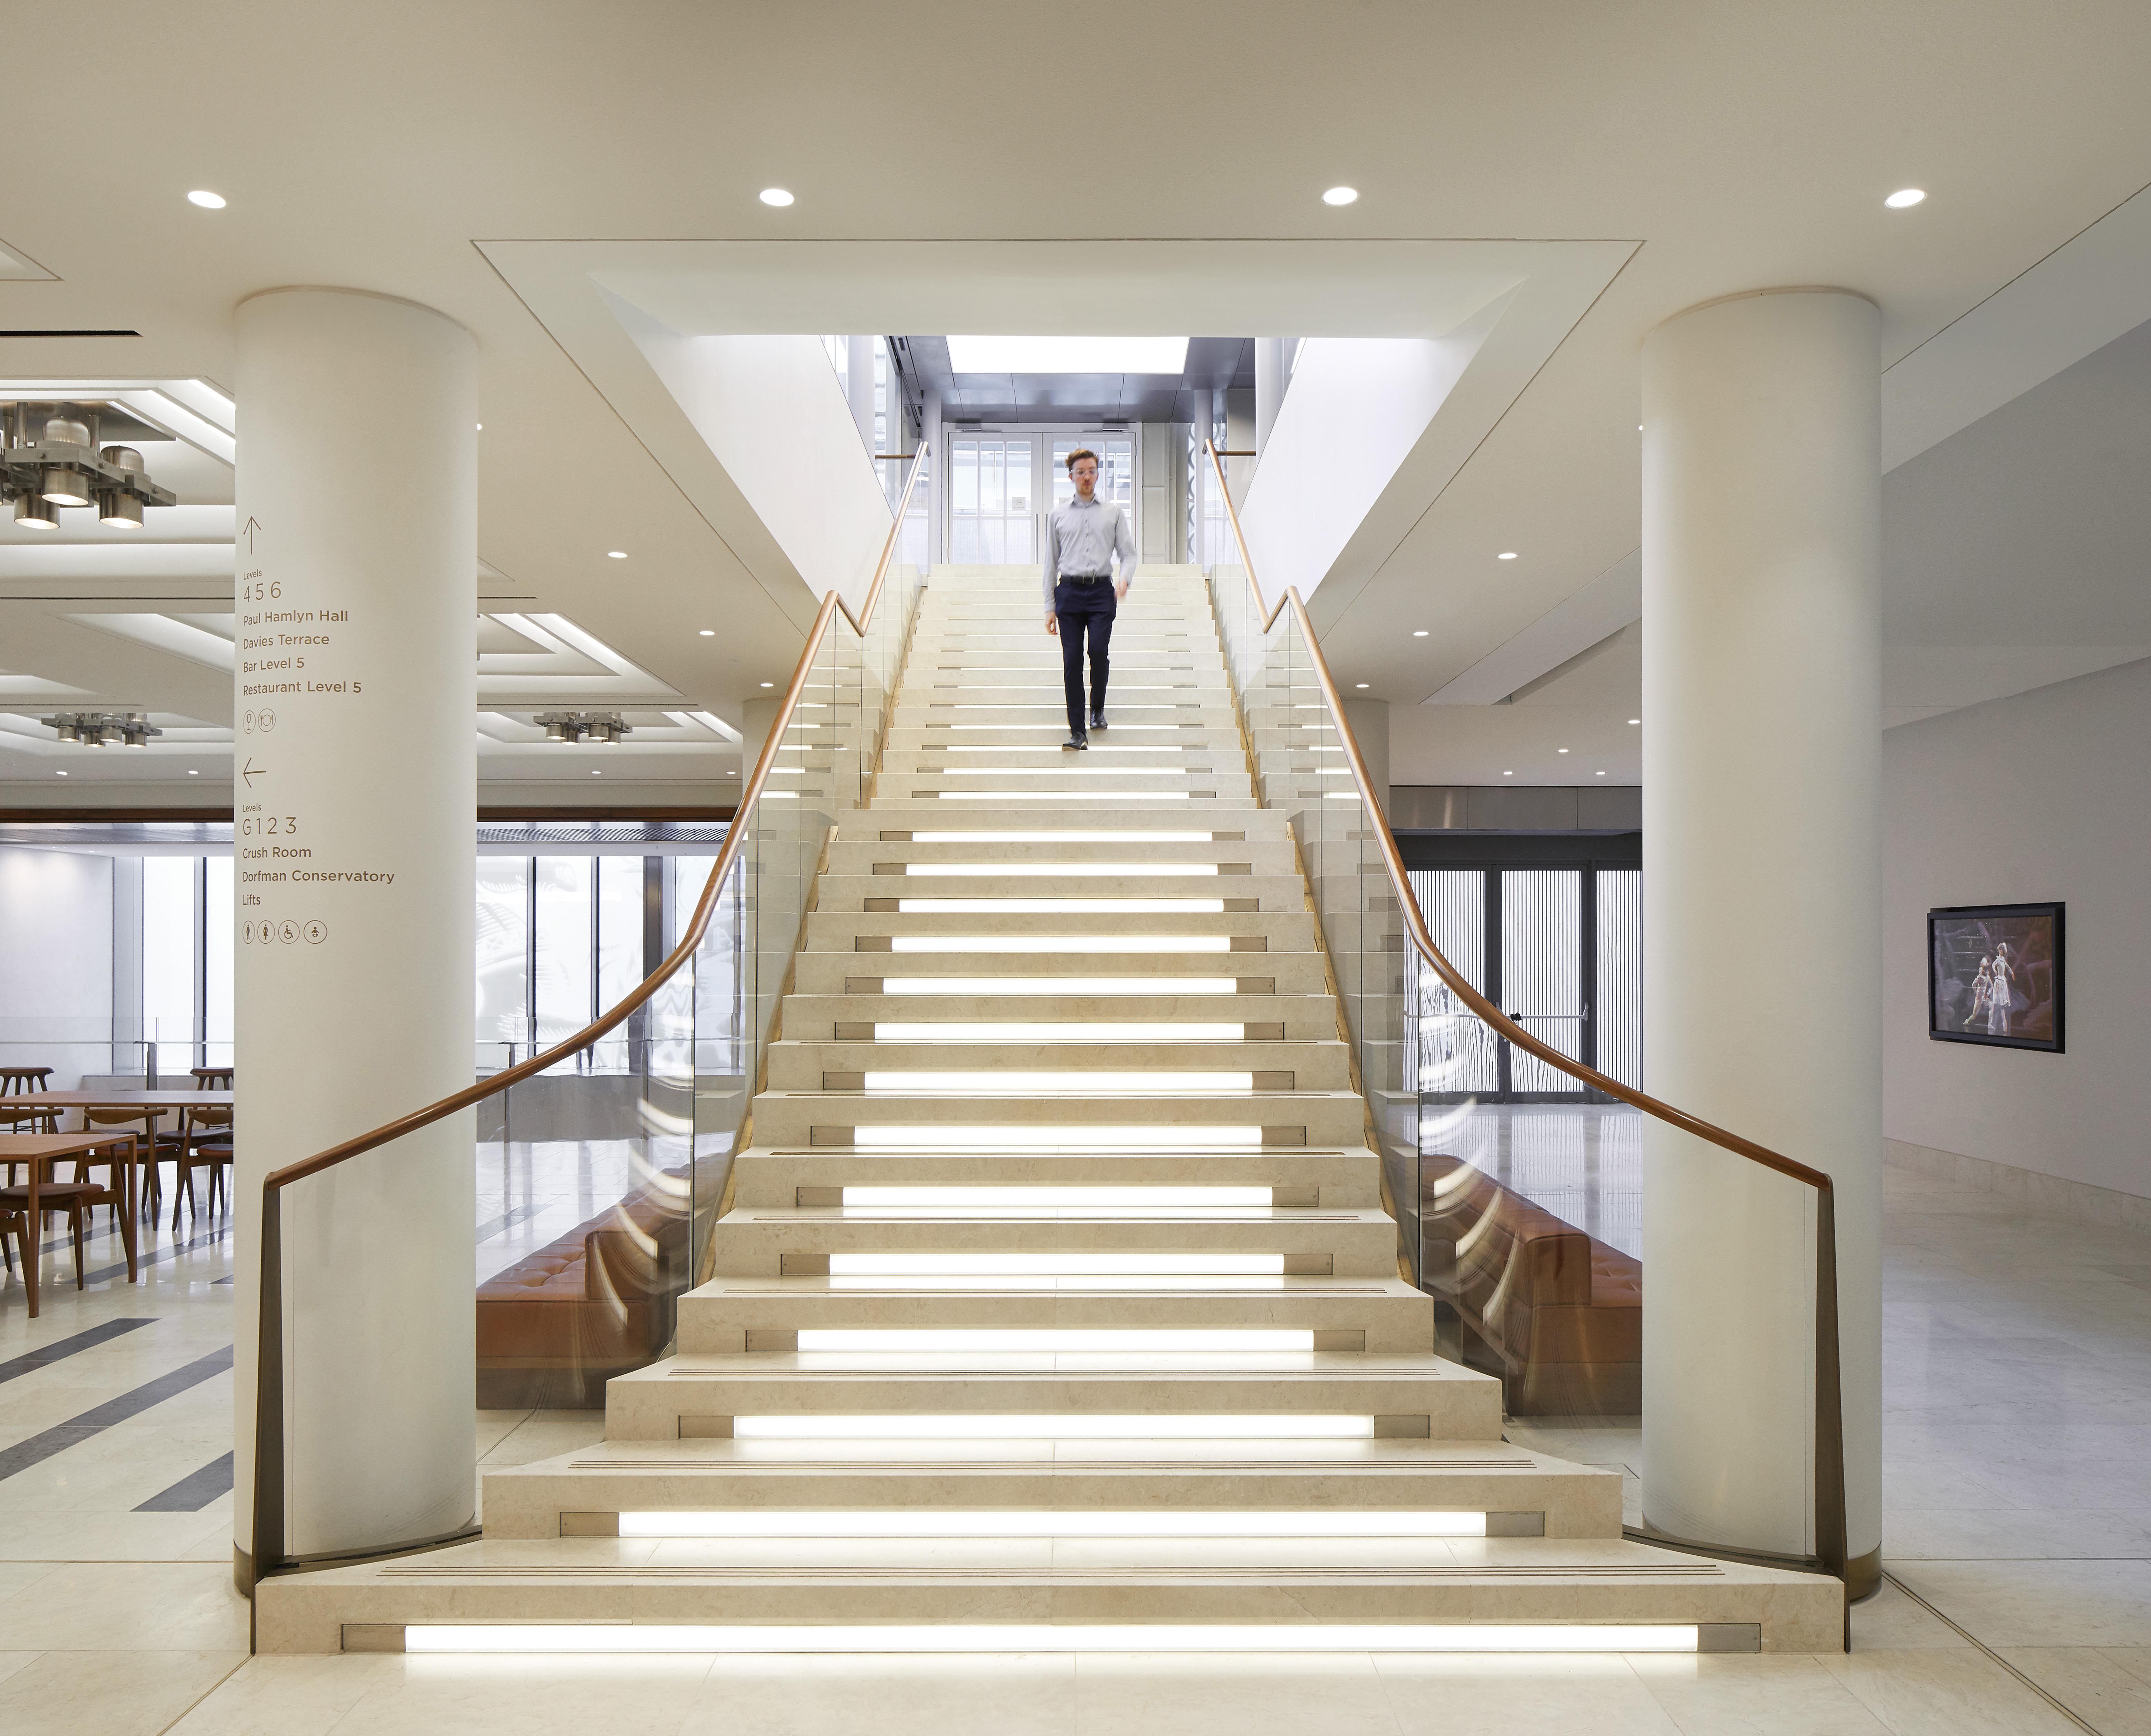 <p>Stanton Williams voegde een  nieuwe trap toe die direct vanuit de foyer op de begane grond leidt naar de Paul Hamlyn-hal. Beeld Hufton + Crow</p>